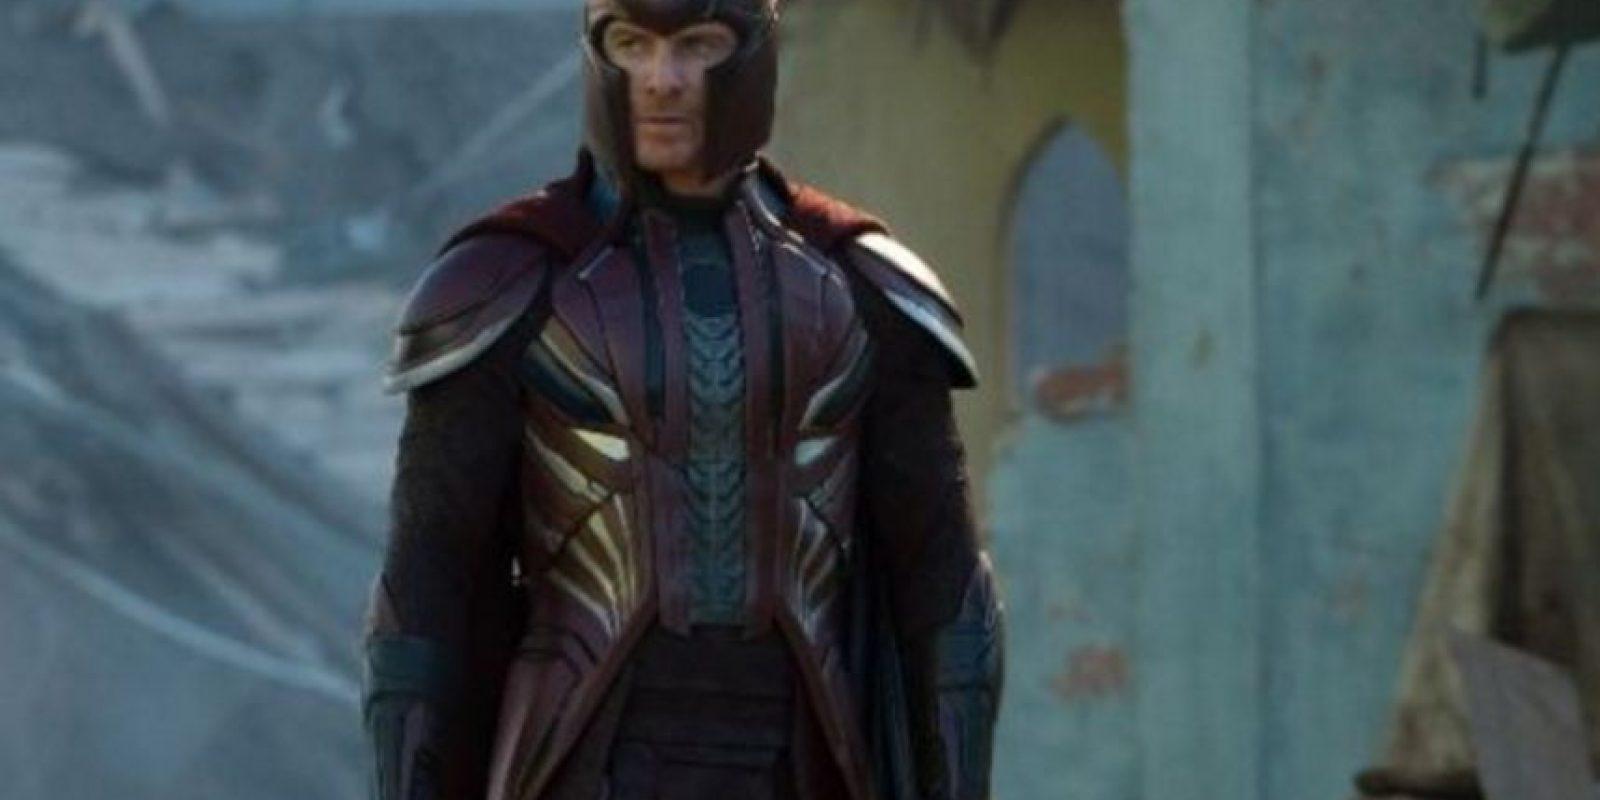 Magneto ahora es interpretado por Michael Fassbender. En la primera versión lo caracterizó Ian McKellen. Foto:vía Fox. Imagen Por: